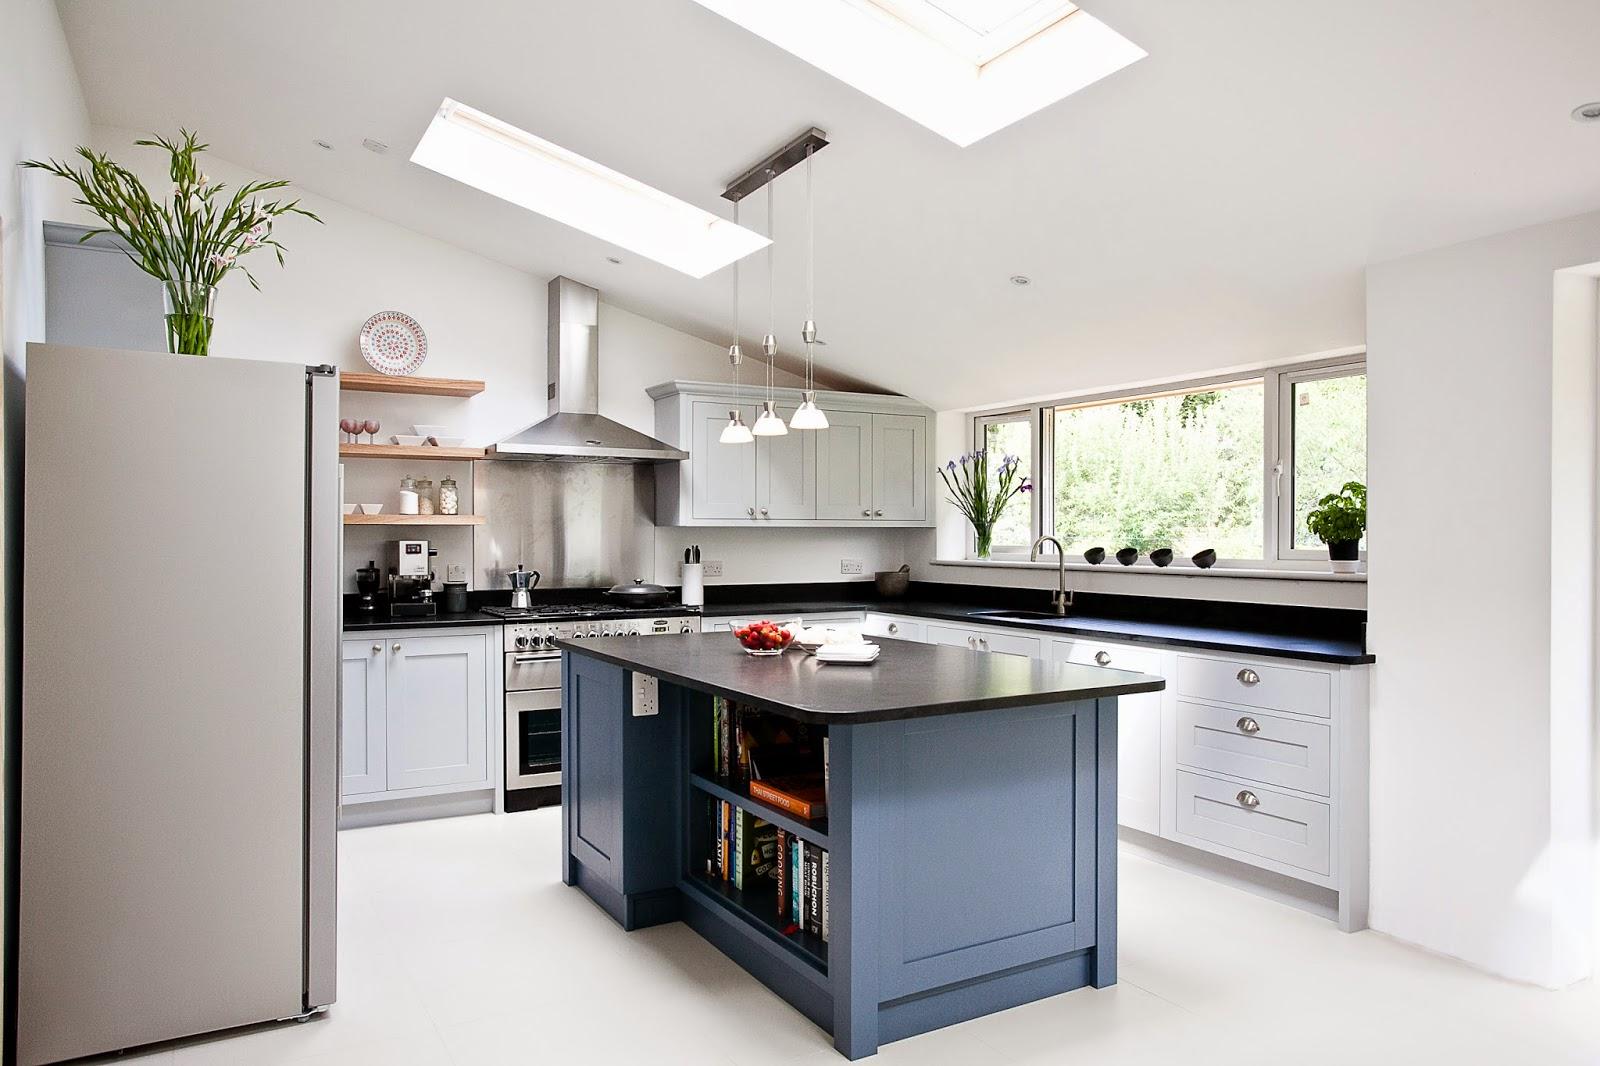 07 shaker kitchen island Blue Grey Kitchen